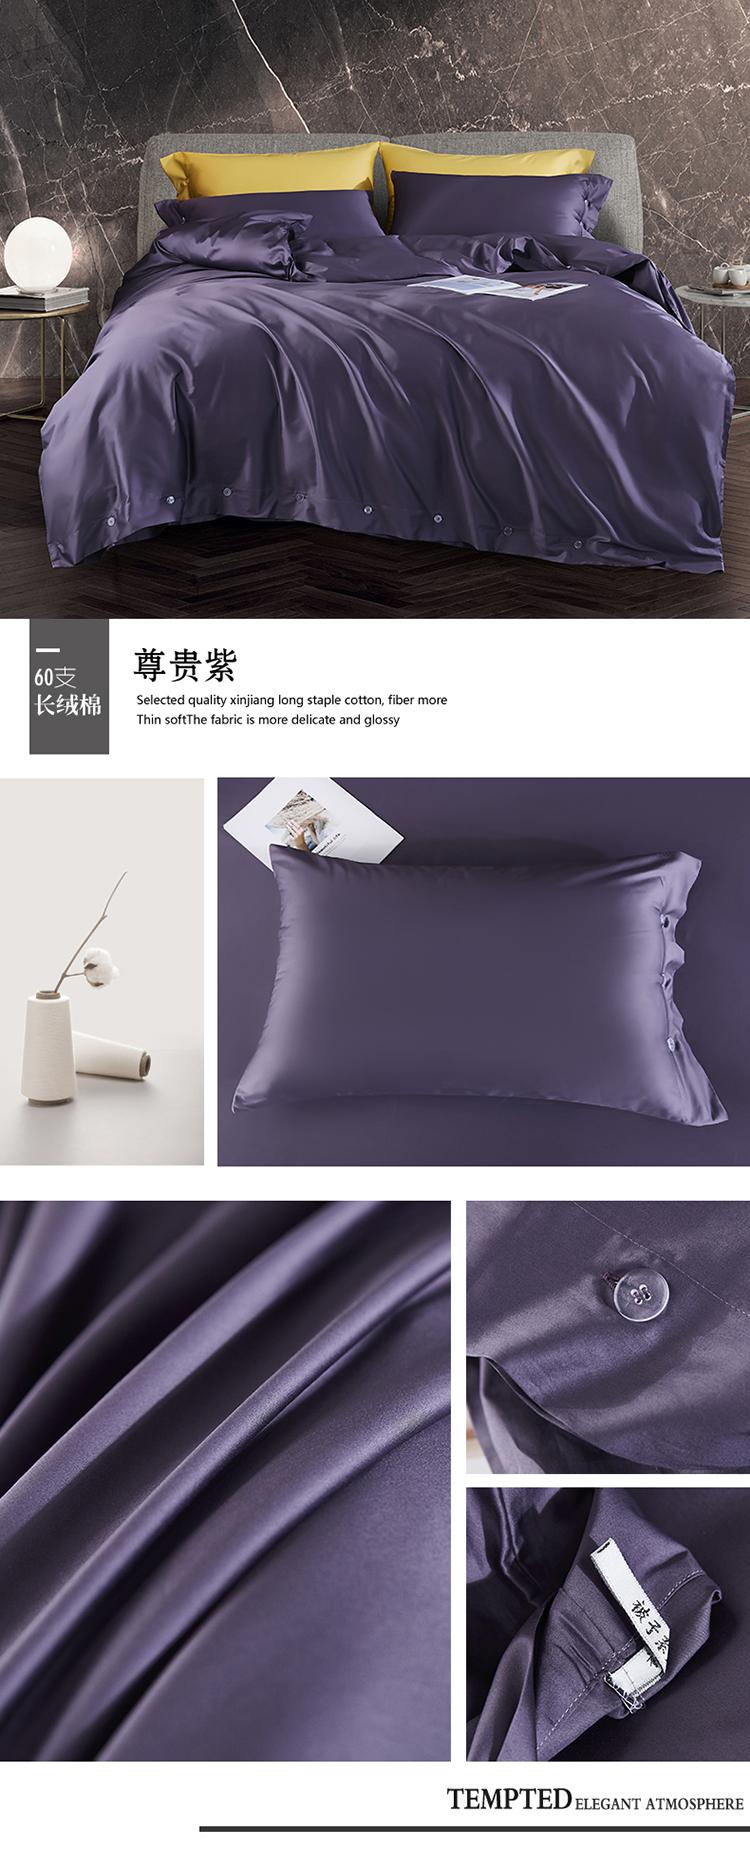 25尊贵紫.jpg